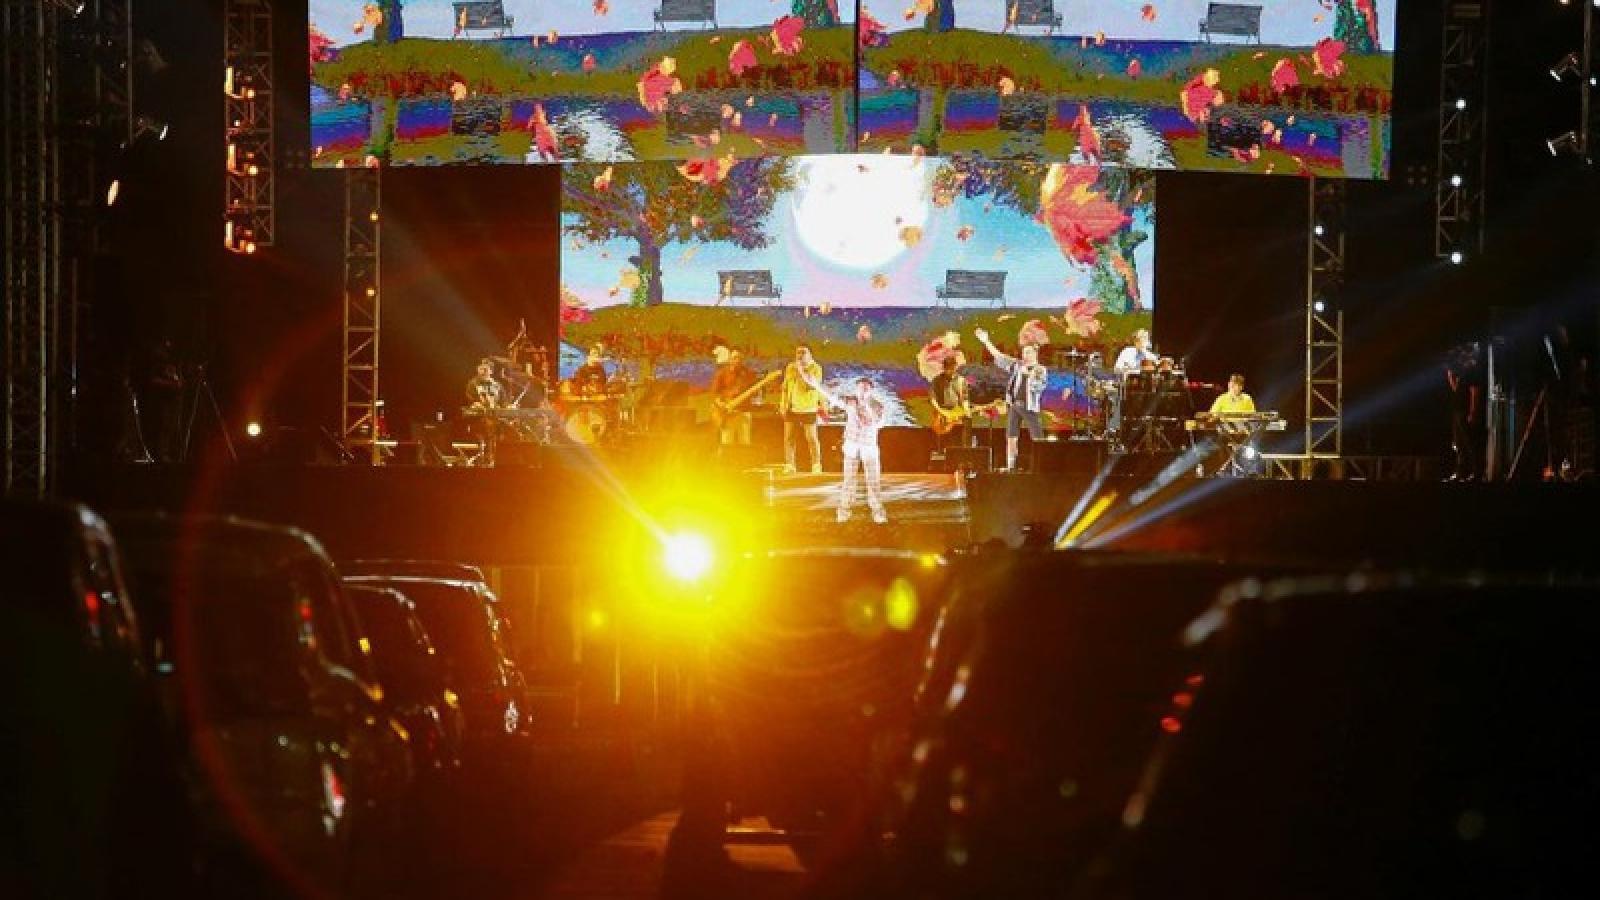 Indonesia tổ chức hòa nhạc ở bãi đỗ xe, tiếp thêm động lực vượt qua Covid-19